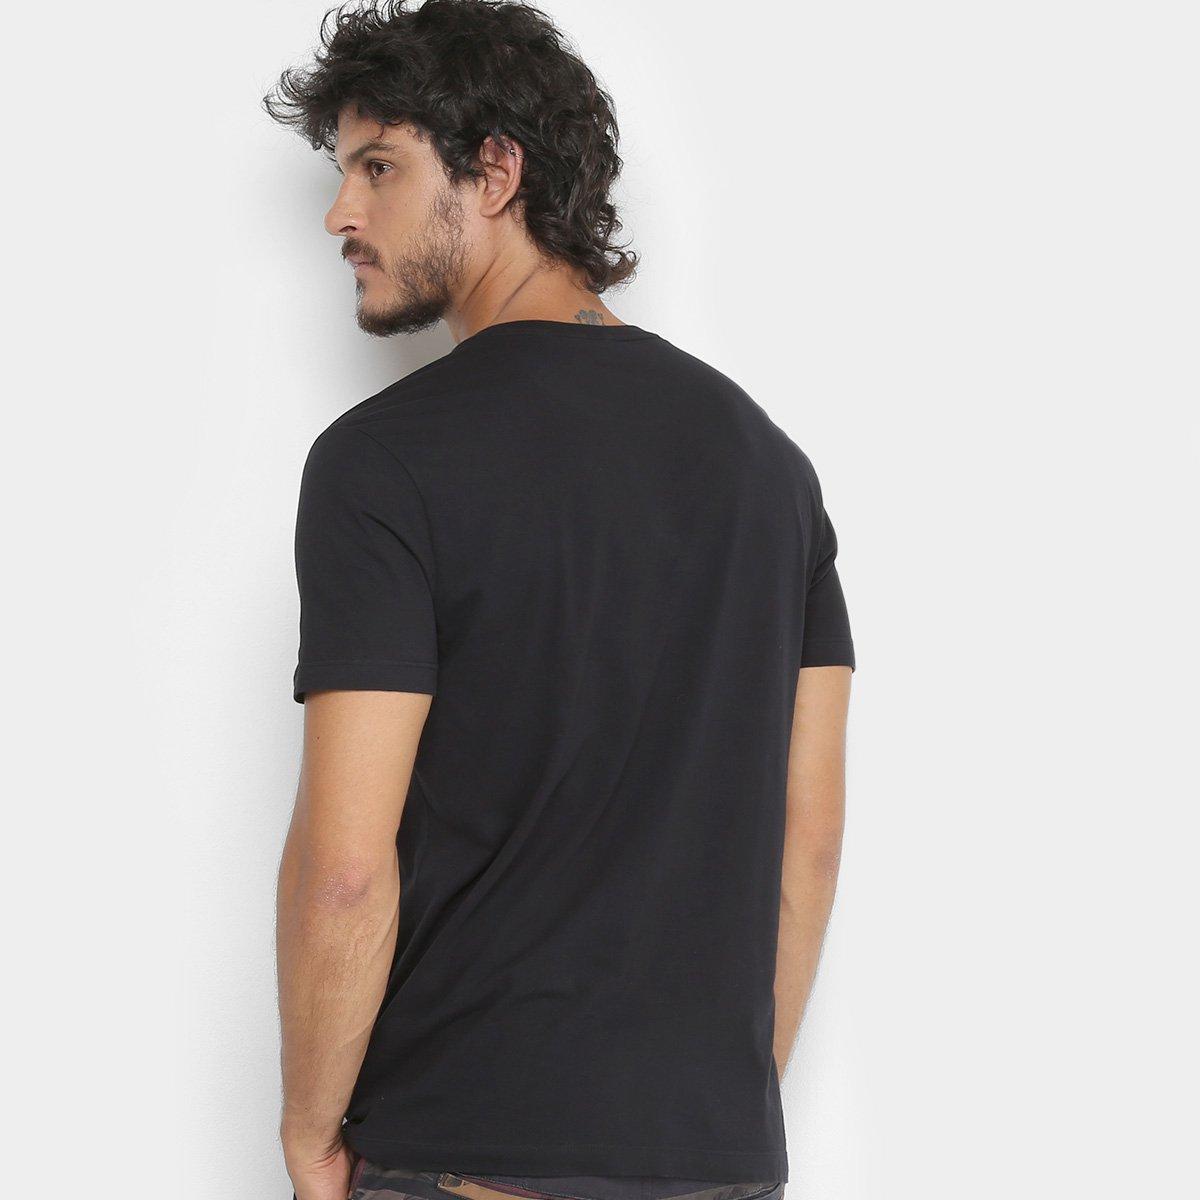 ae3a6596e574a Camiseta Calvin Klein Estampa Básica Masculina